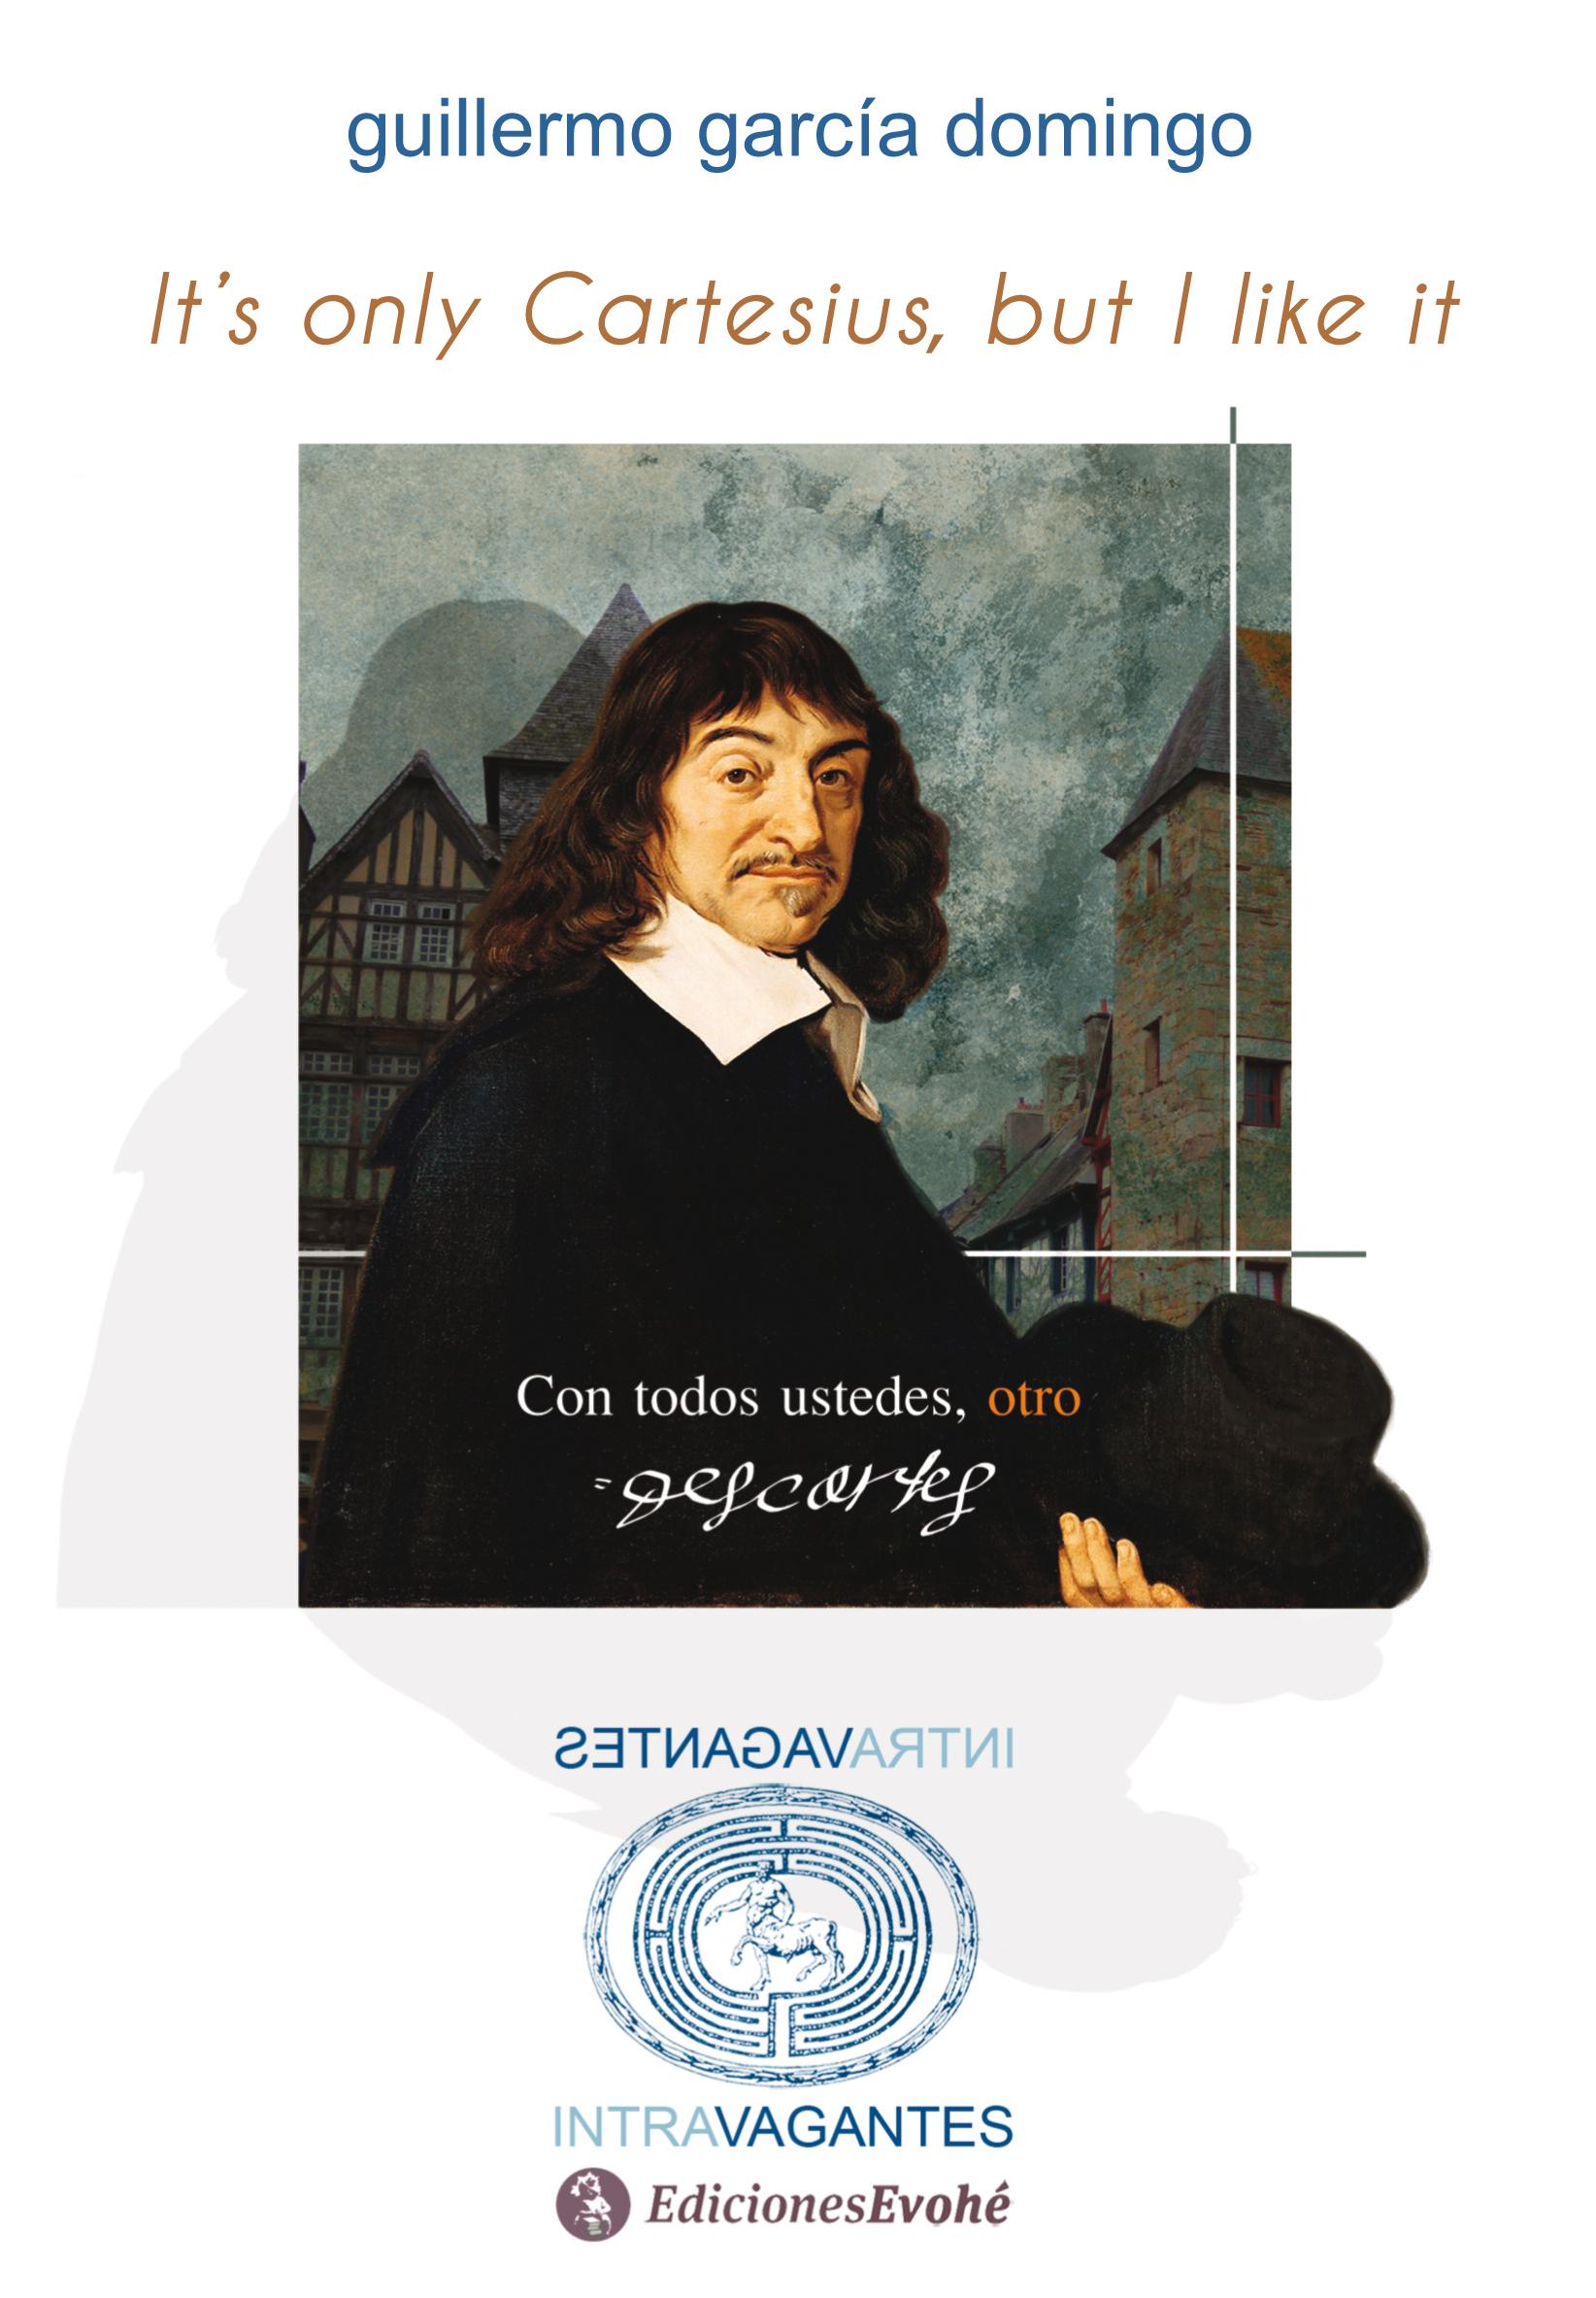 It´s only Cartesius but I like it (Con todos ustedes, otro Descartes) – Guillermo García Domingo